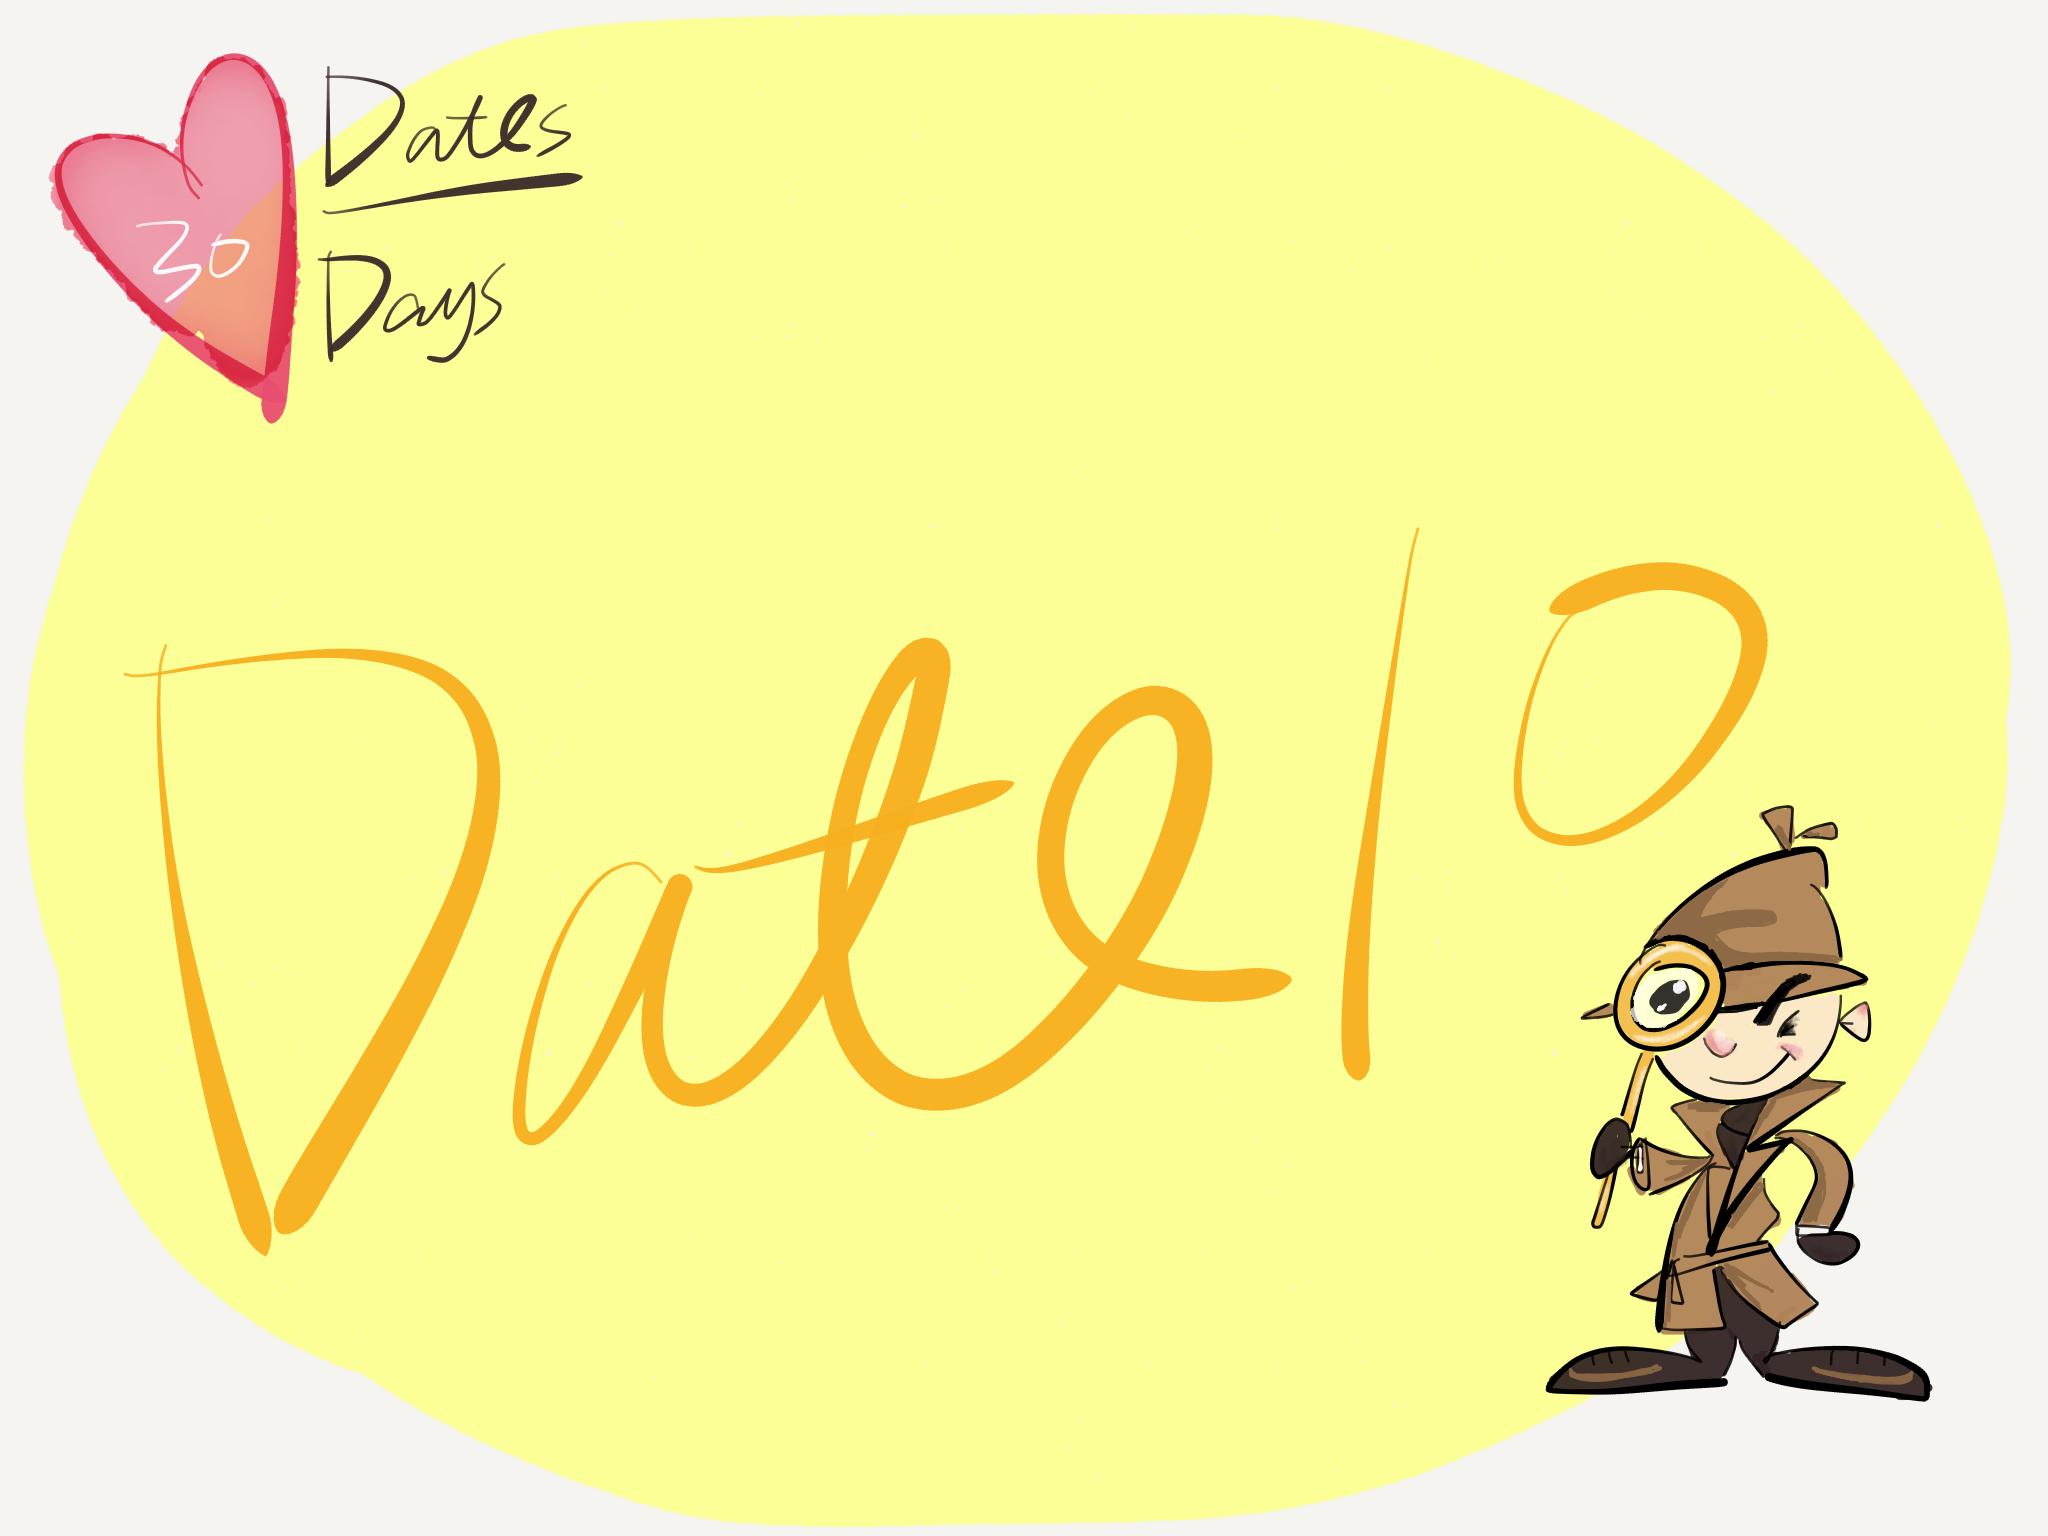 30 Dates - 12